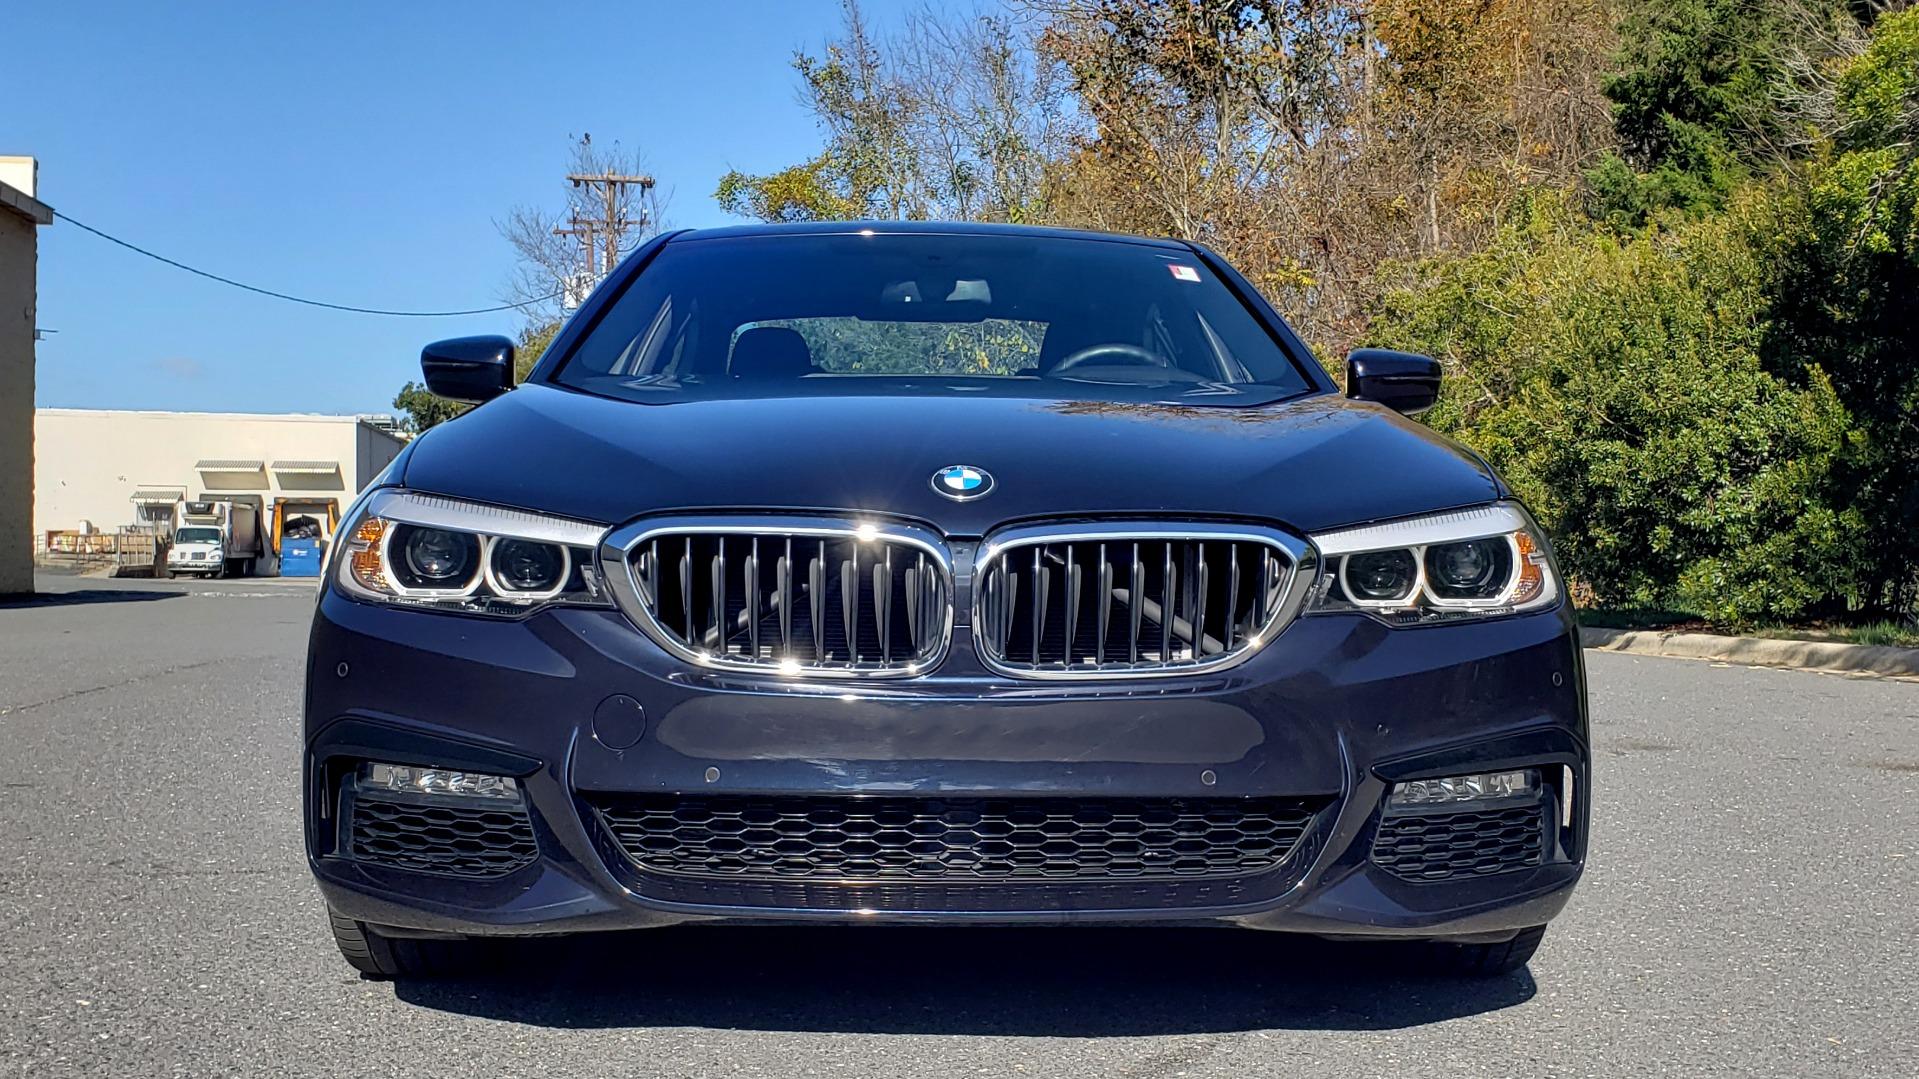 Used 2017 BMW 5 SERIES 530I M-SPORT / PREM PKG / DRVR ASST / HUD / NAV / REARVIEW for sale $33,995 at Formula Imports in Charlotte NC 28227 17